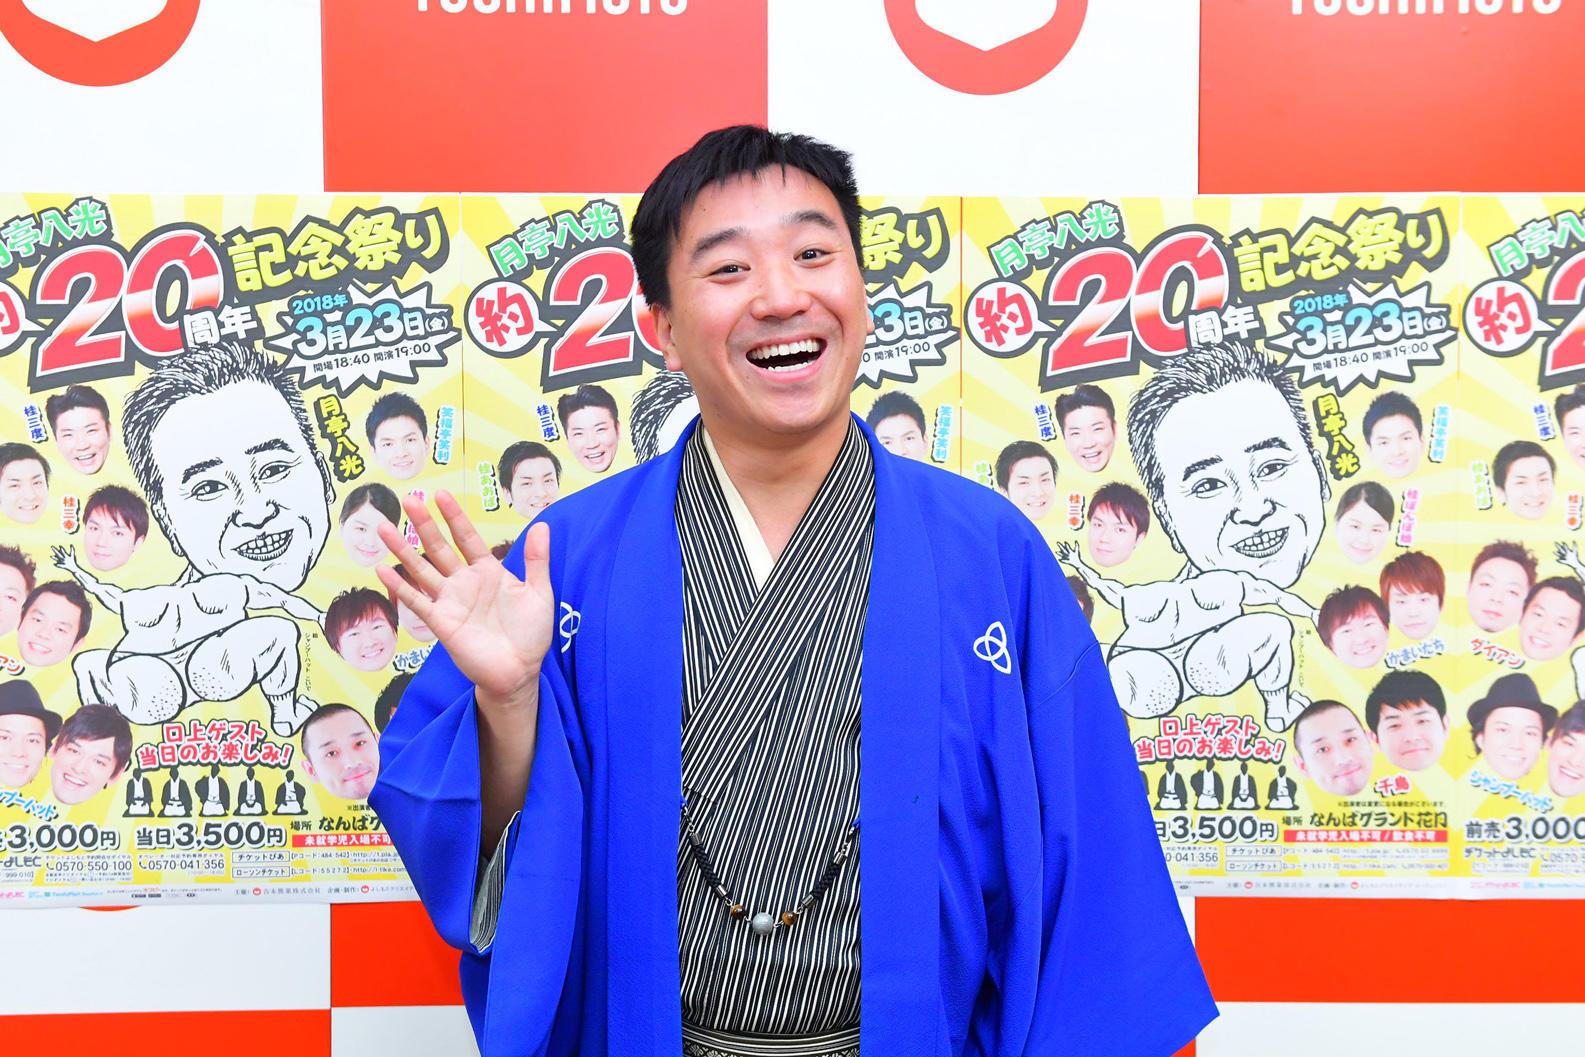 http://news.yoshimoto.co.jp/20180305155609-9f43cf3f2c9610a835eb5b7c3db25796ac69ee3c.jpg